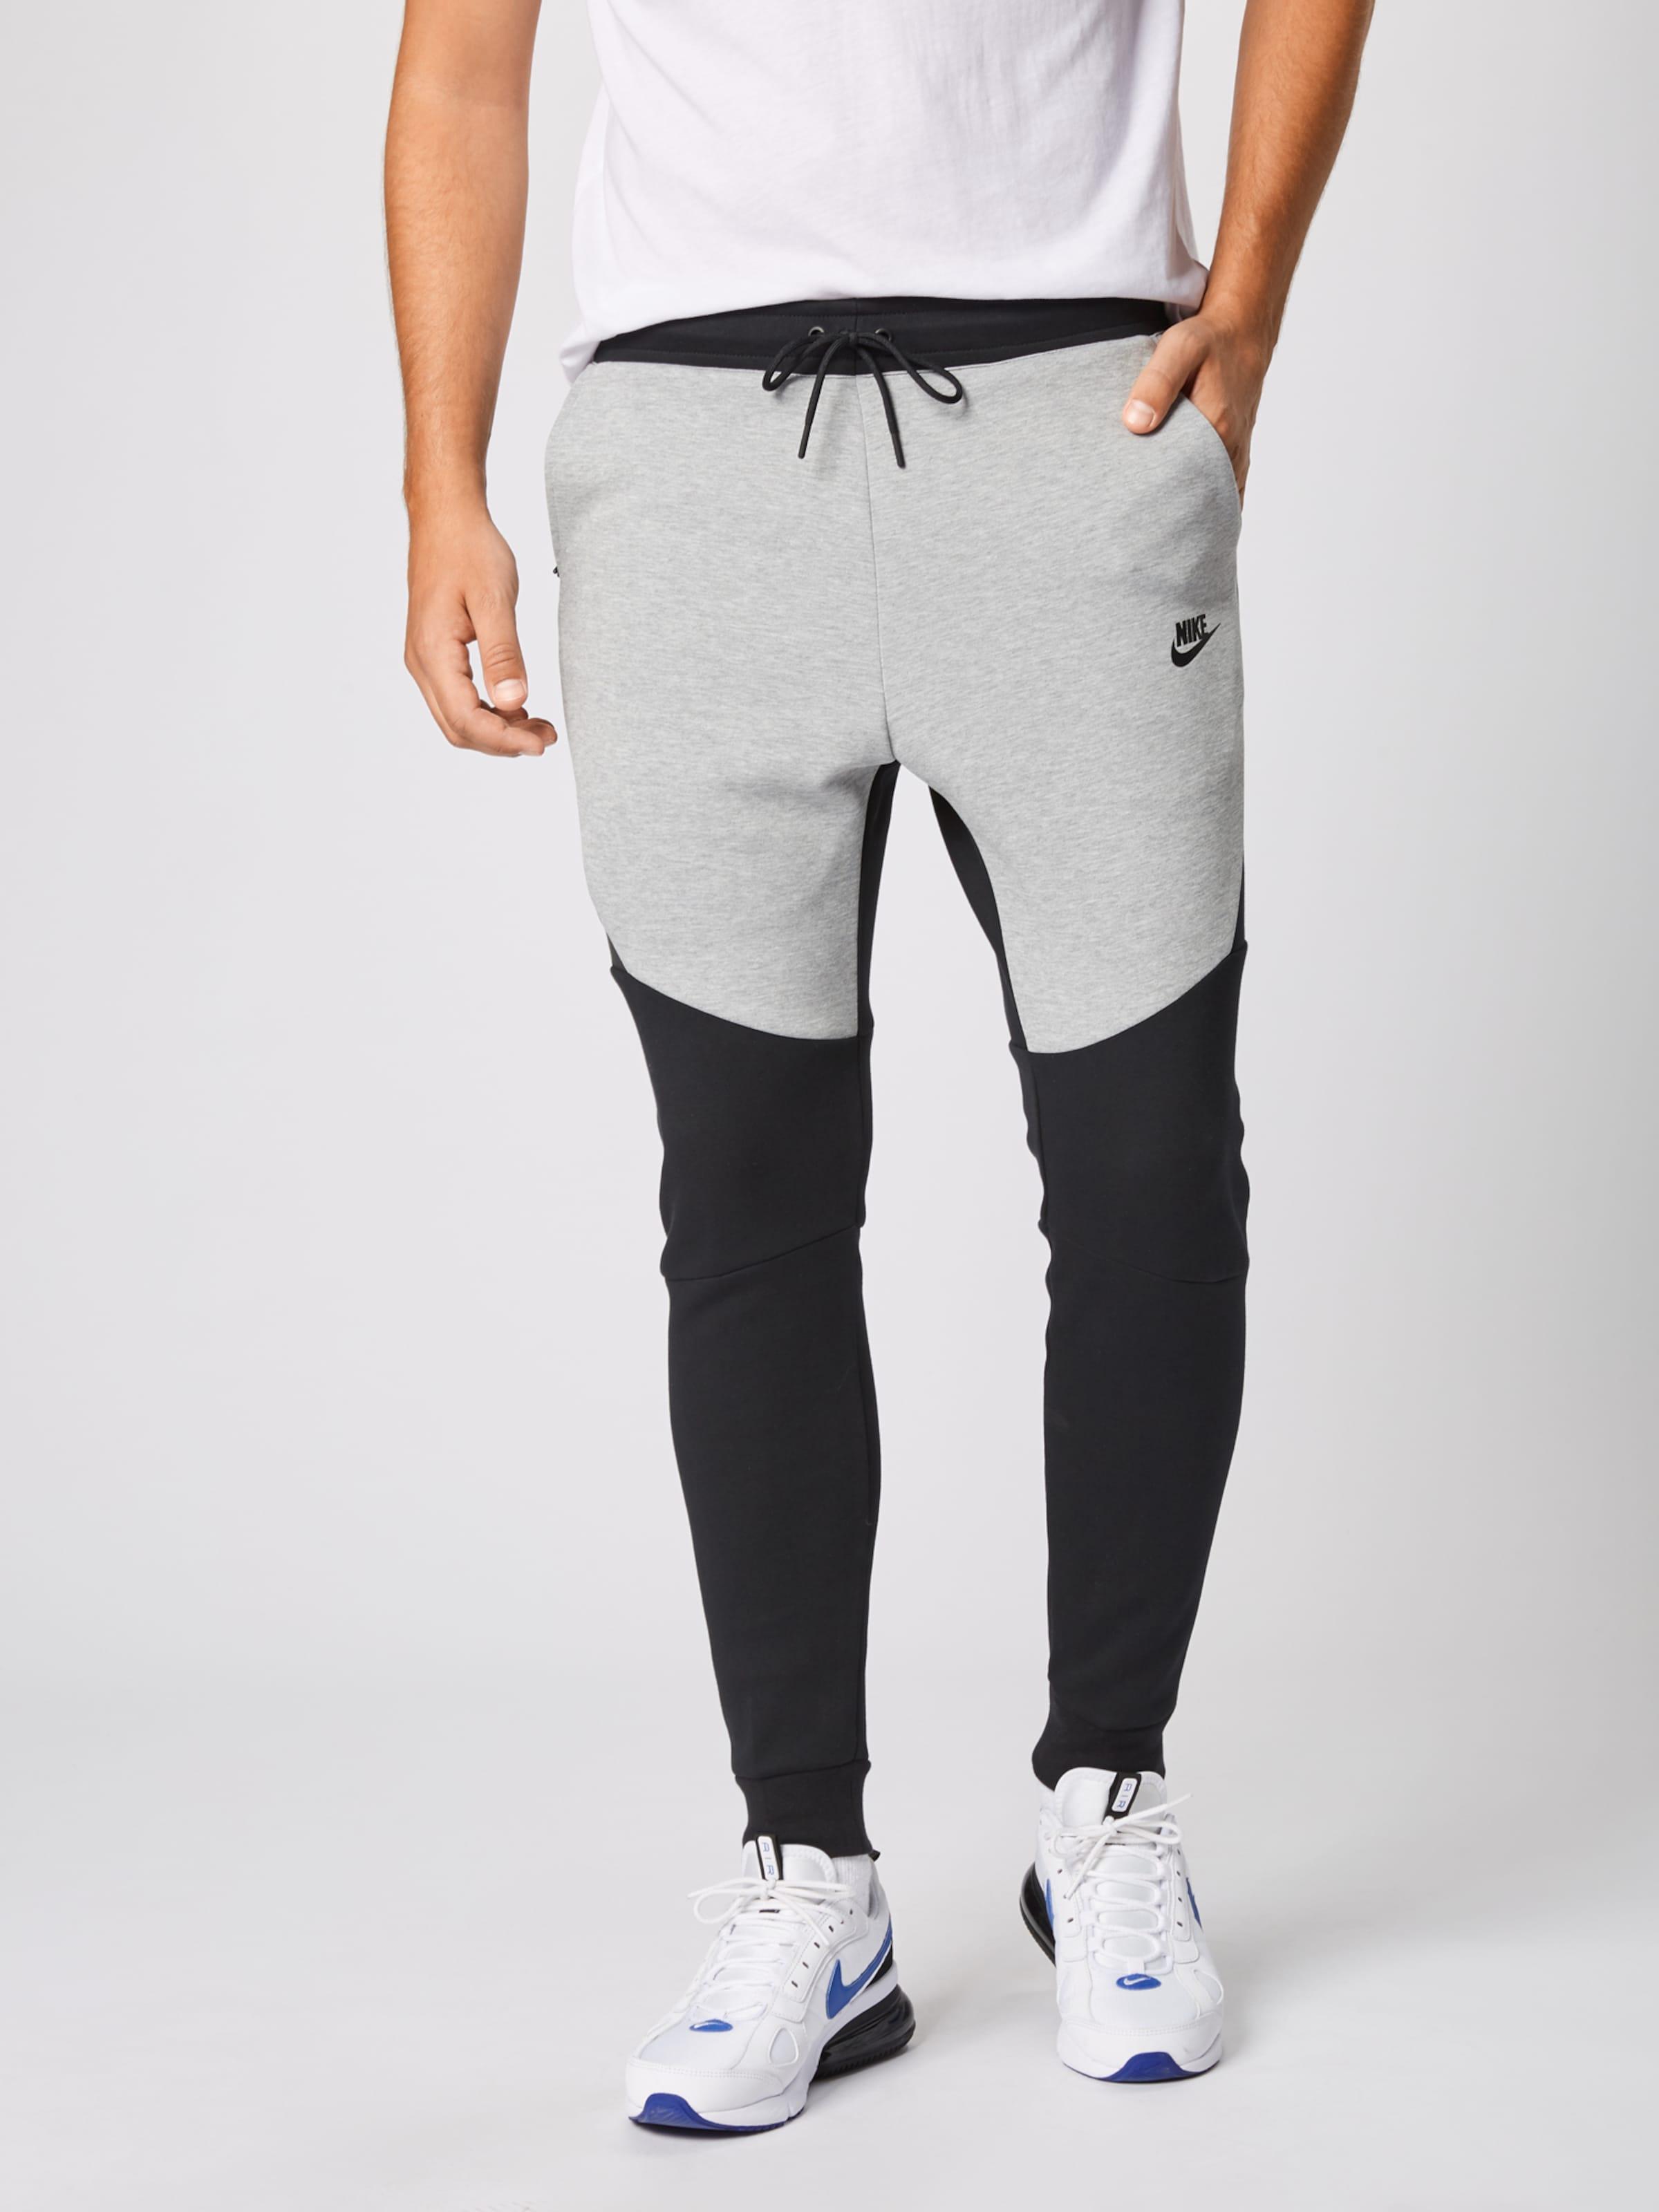 Sportswear En ClairNoir Pantalon Gris Nike 7Yb6yfg